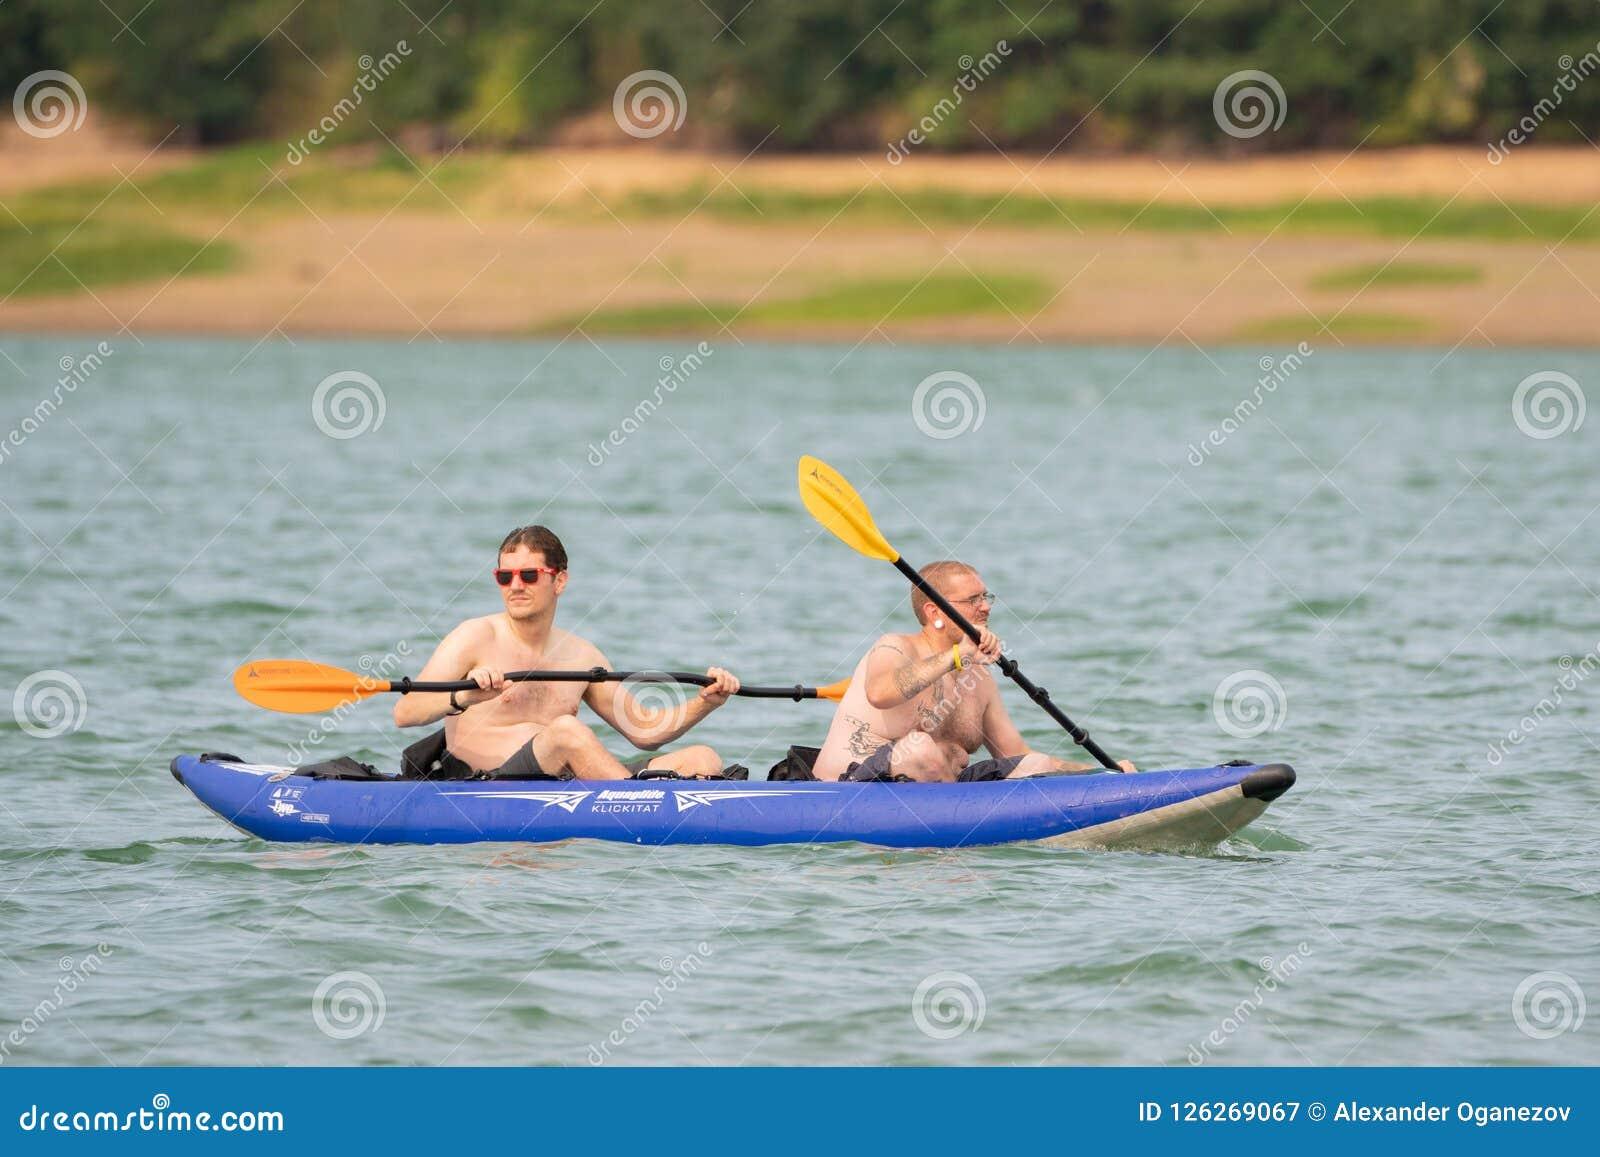 Δύο φίλοι στη λίμνη